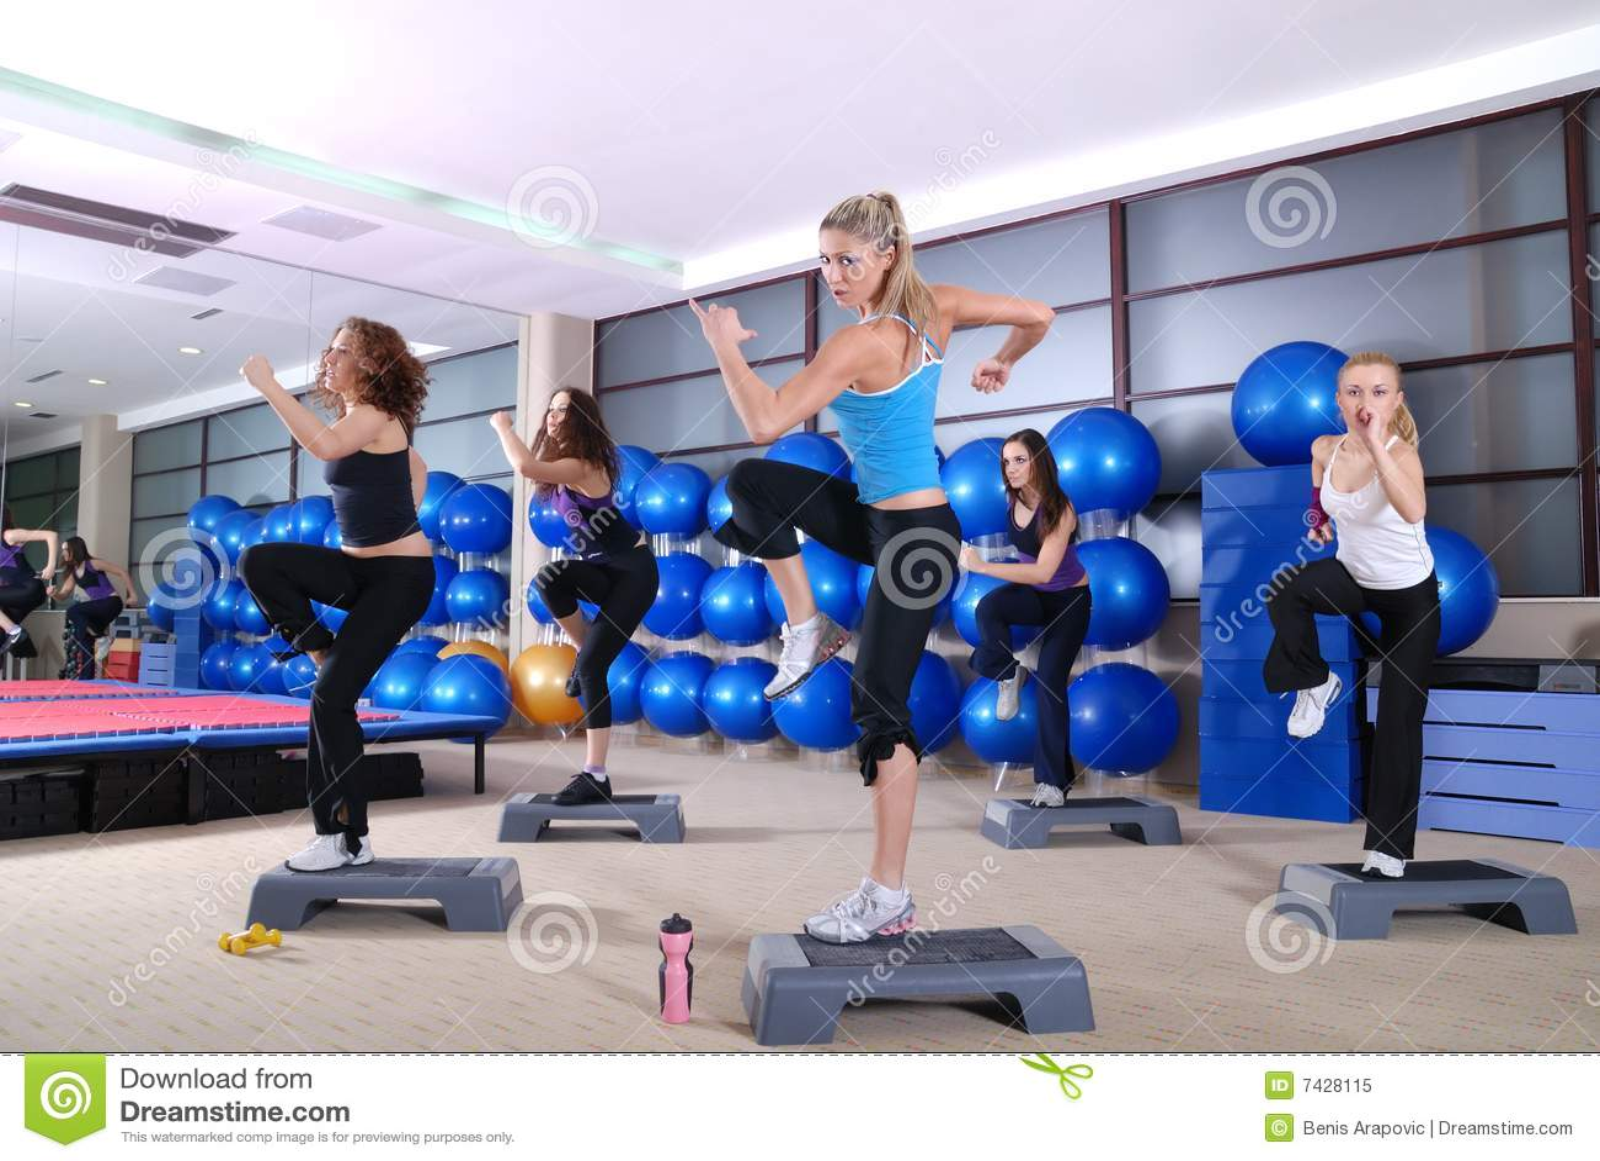 Grupo de mujeres que ejercitan en el club de aptitud.